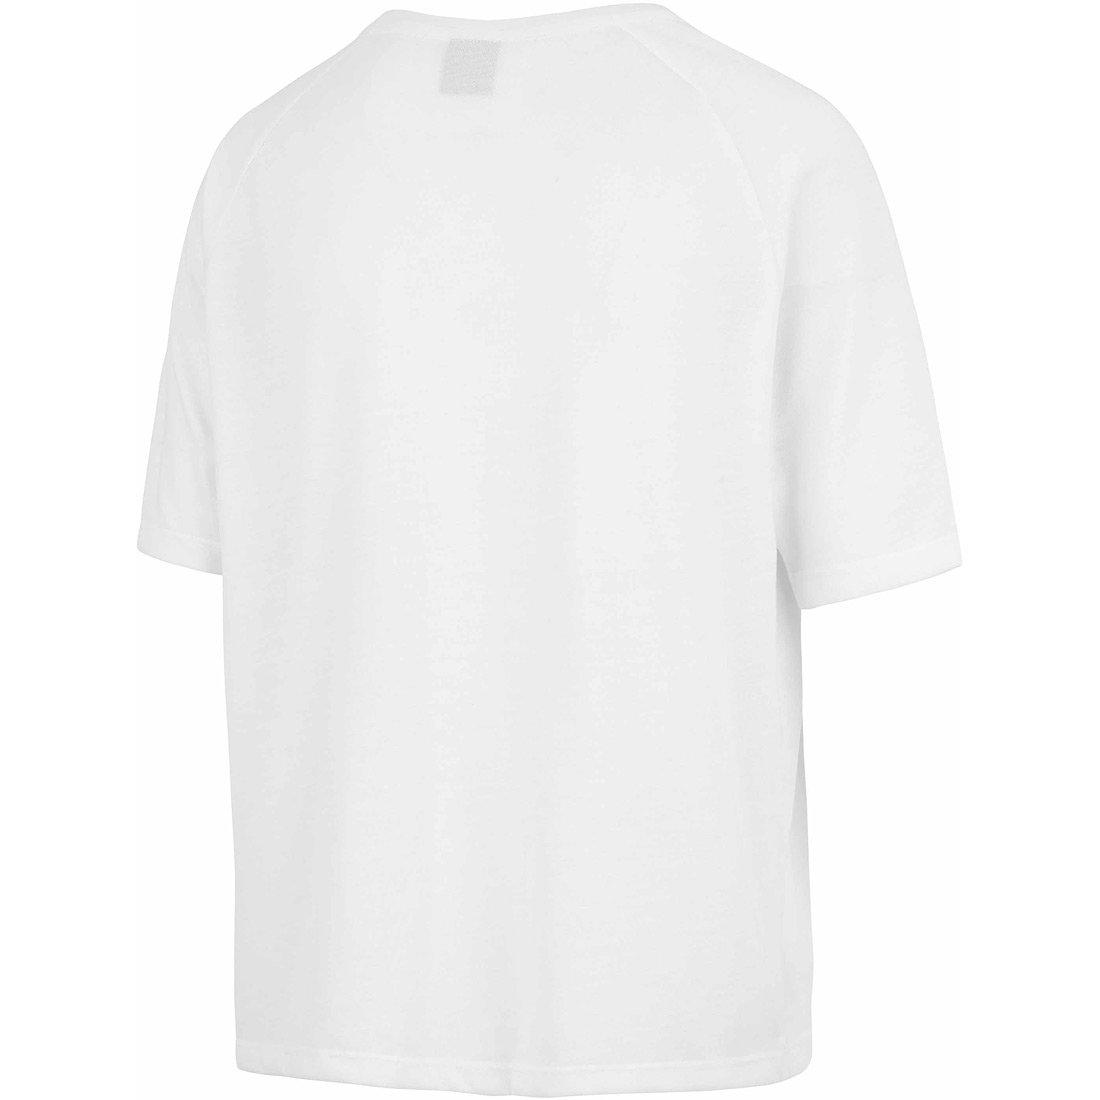 חולצה קצרה לנשים - Novita Urban Tee - Picture Organic